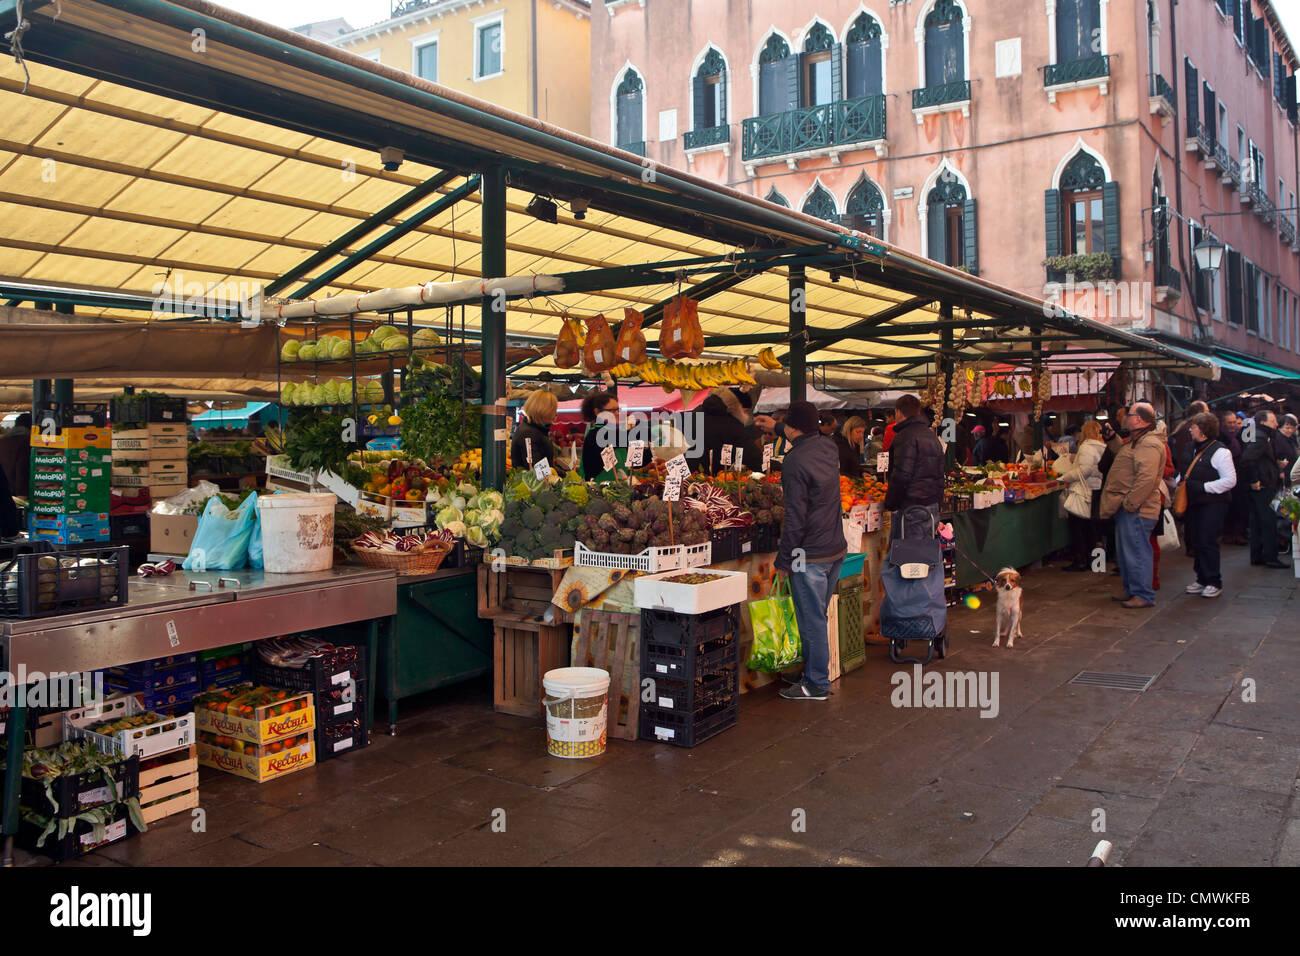 Mercato di Rialto, Venice, Veneto, Italy - Stock Image